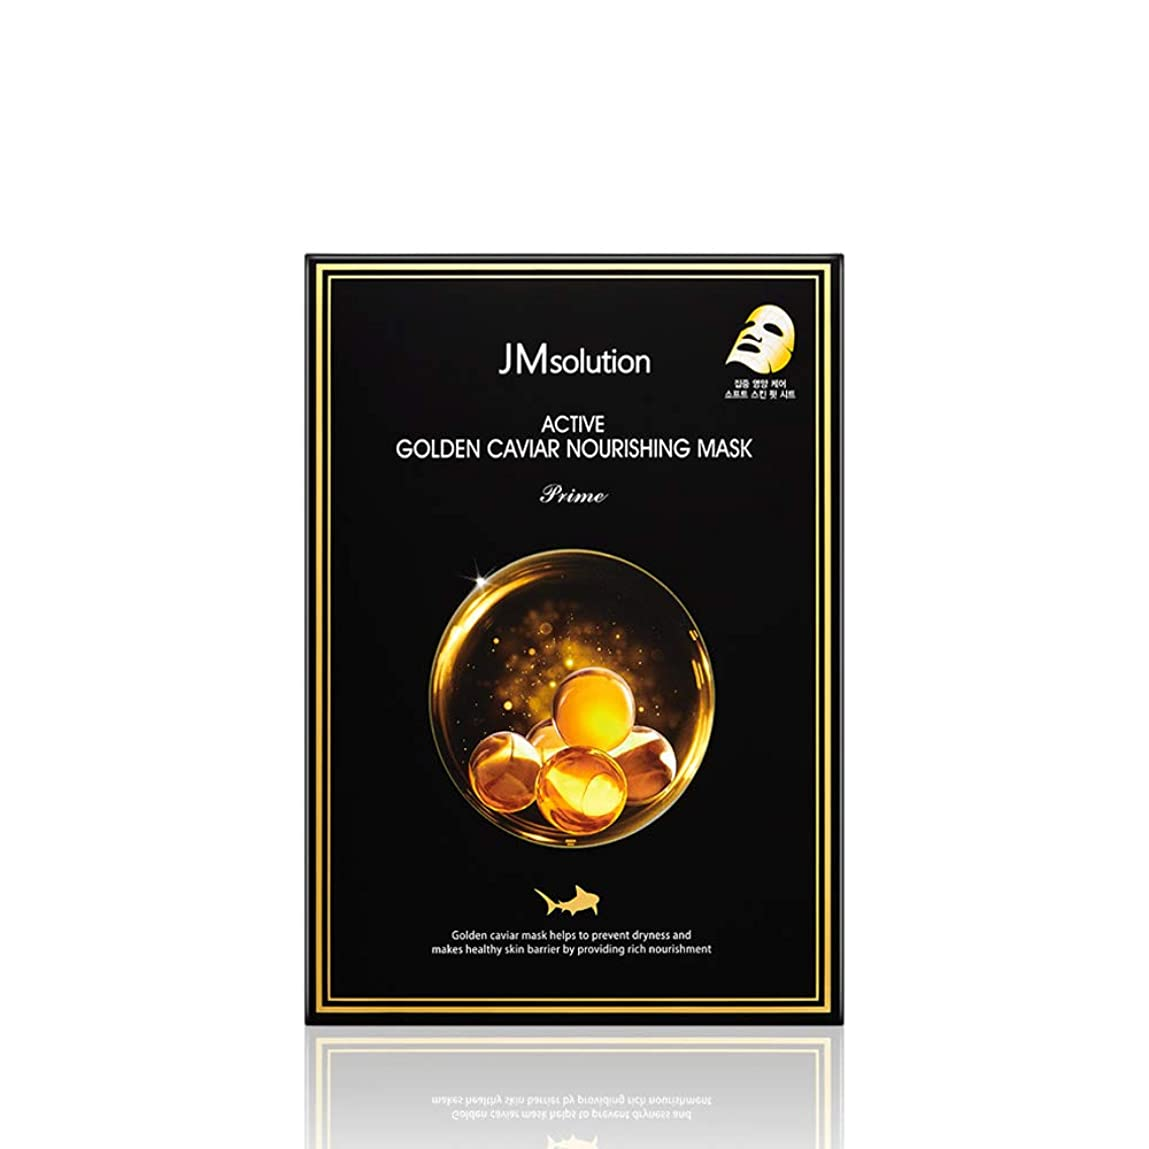 に話す生む医療過誤JMソリューション(JM Solution) 乾燥肌のためのアクティブゴールデンキャビア栄養マスクプライム 30mlx10P / Active Golden Caviar Nourishing Mask Prime For dryness skin